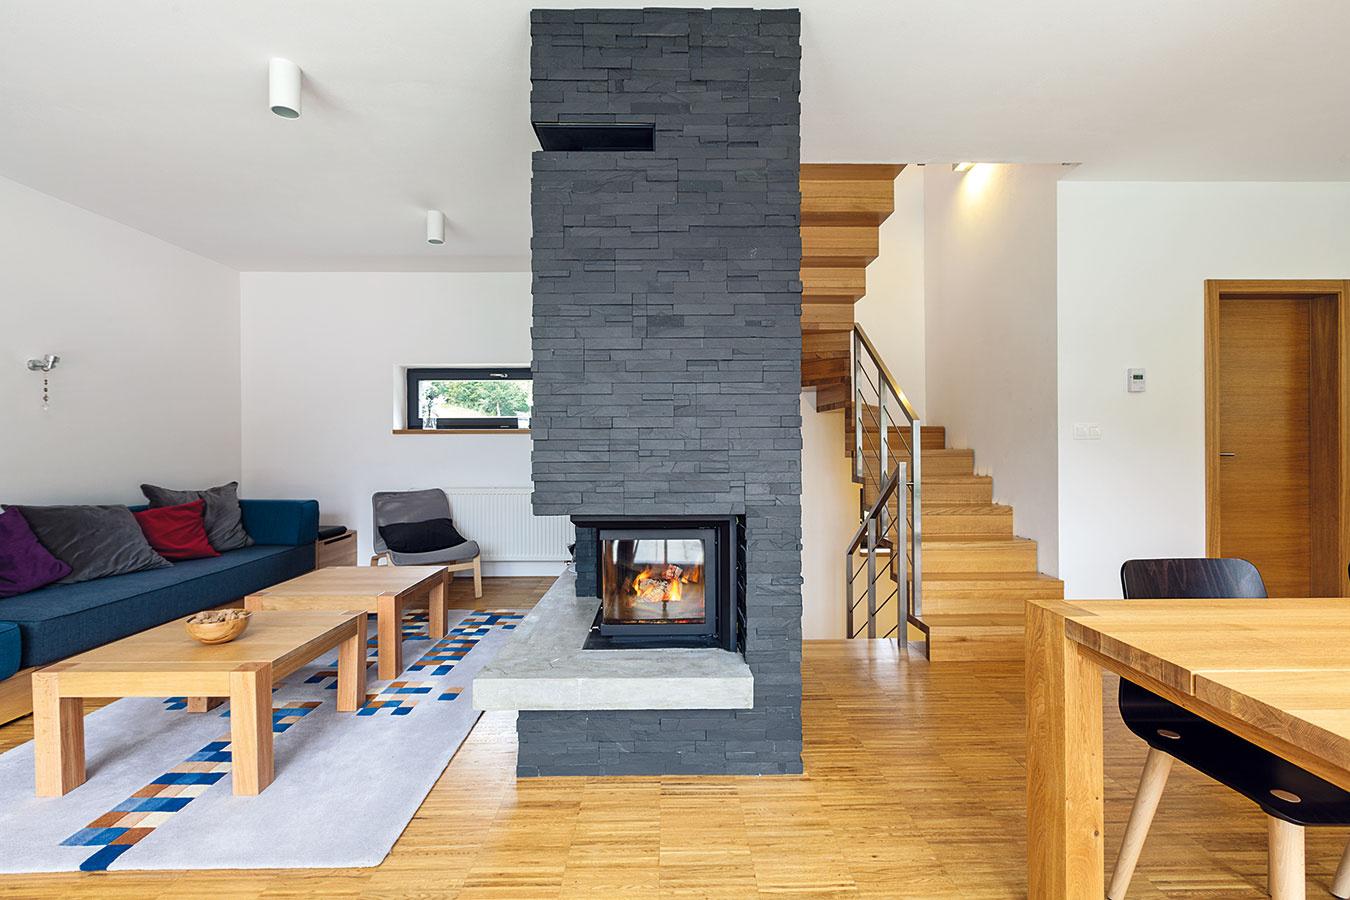 """Interiér celého domu zjednocuje dubové drevo. Inšpiráciu na podlahu si domáci priniesli zHaagu: """"Takzvaná priemyselná podlaha je vlastne 2,5 cm hrubé masívne drevo, takže je veľmi odolná,"""" vysvetľuje Dušan Chupáč. """"Neumožňuje však použiť podlahové vykurovanie,"""" pokračuje. """"Klasické radiátory tu boli lepšou voľbou aj preto, že dom nie je trvalo obývaný, takže je dôležitý krátky čas nábehu kúrenia."""""""